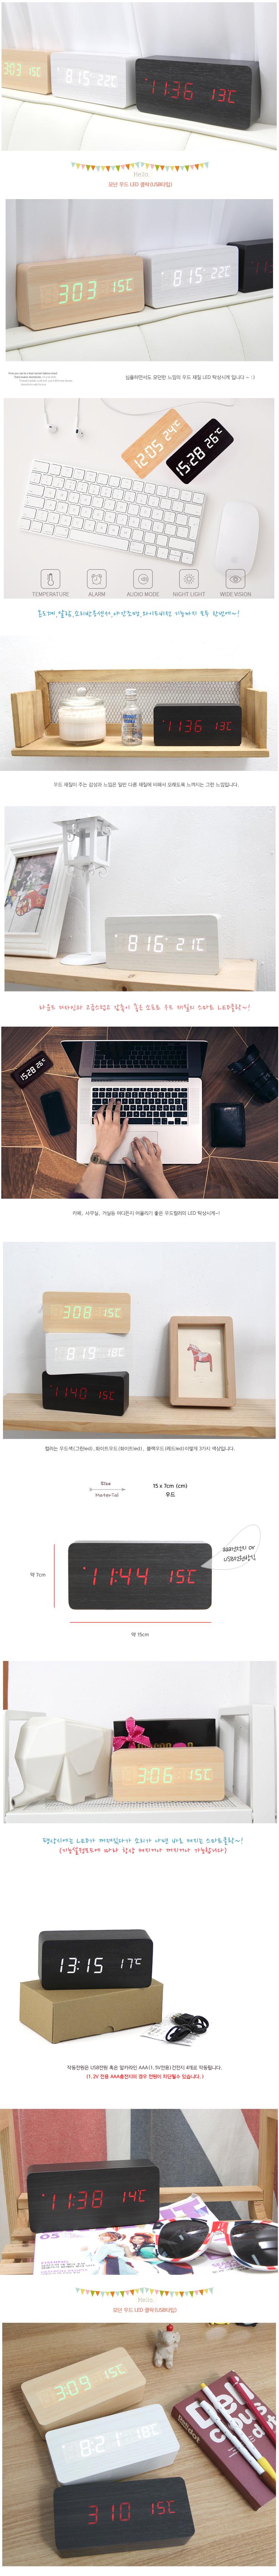 모던우드LED클락(USB타입) - 미스터고물상, 14,400원, 알람/탁상시계, LED/디지털시계